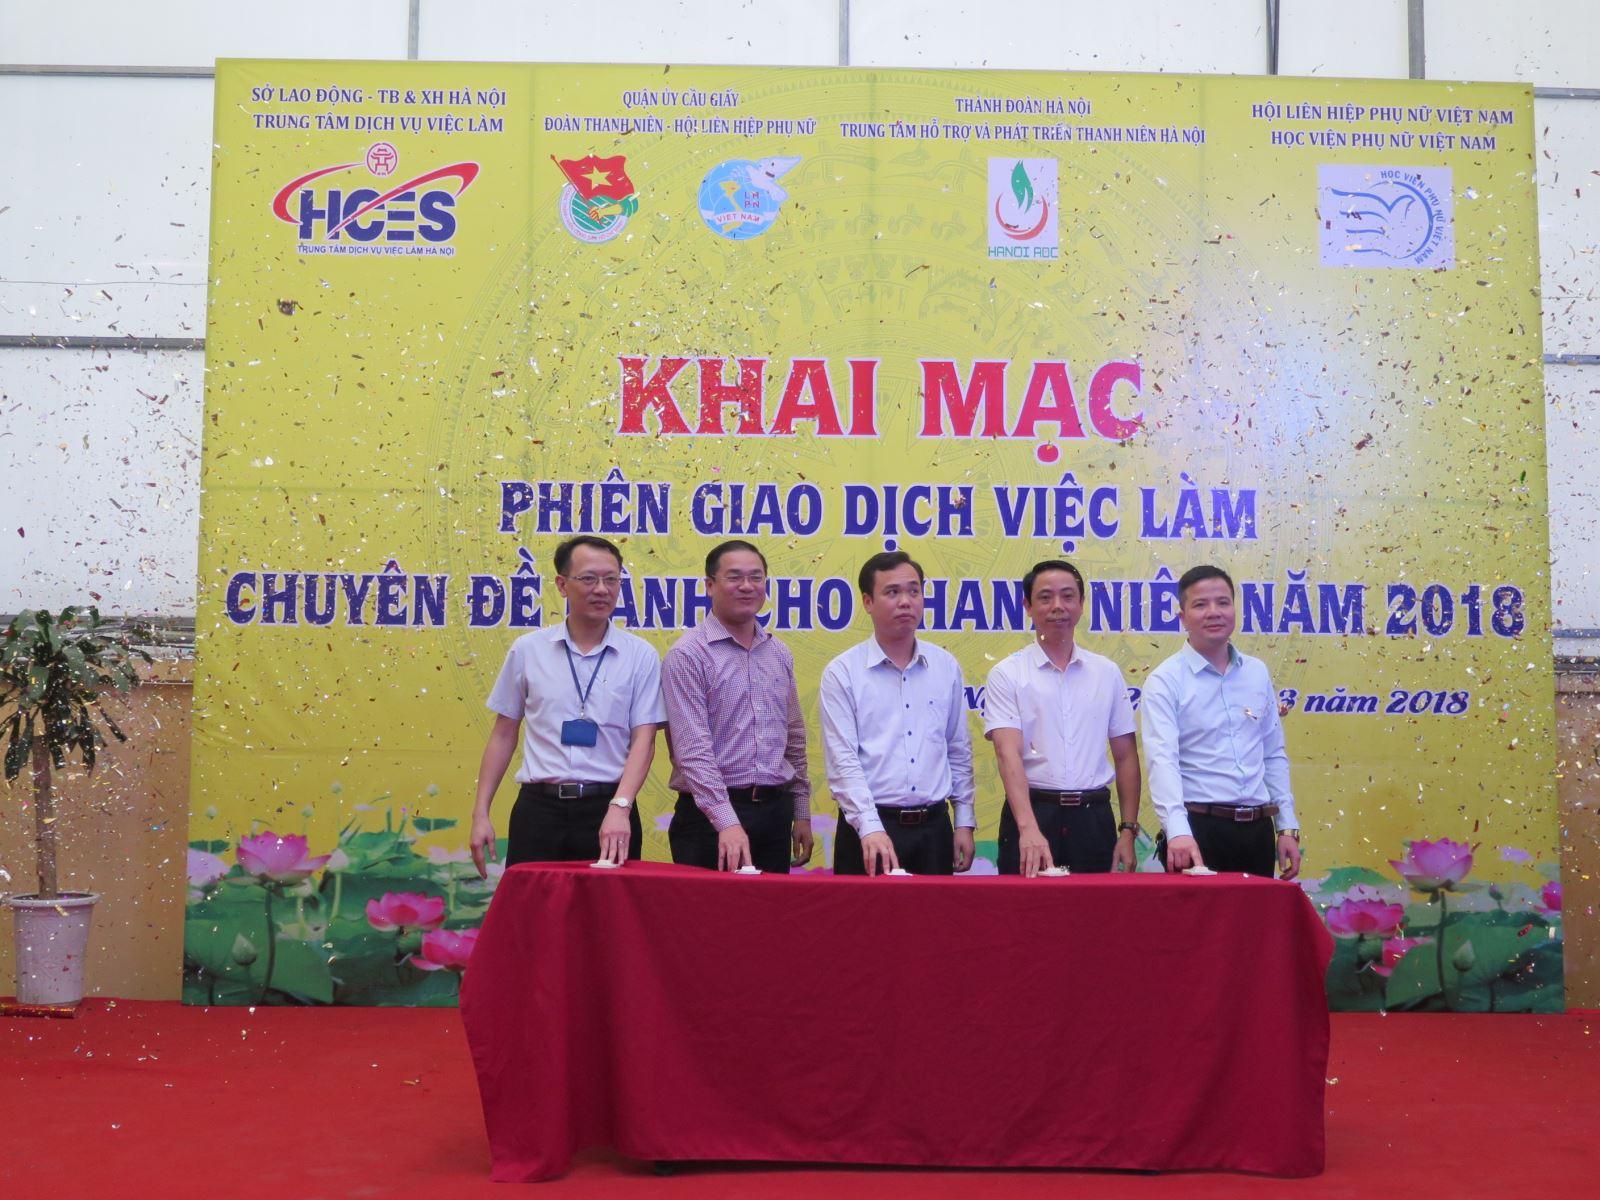 Học viện Phụ nữ Việt Nam phối hợp tổ chức